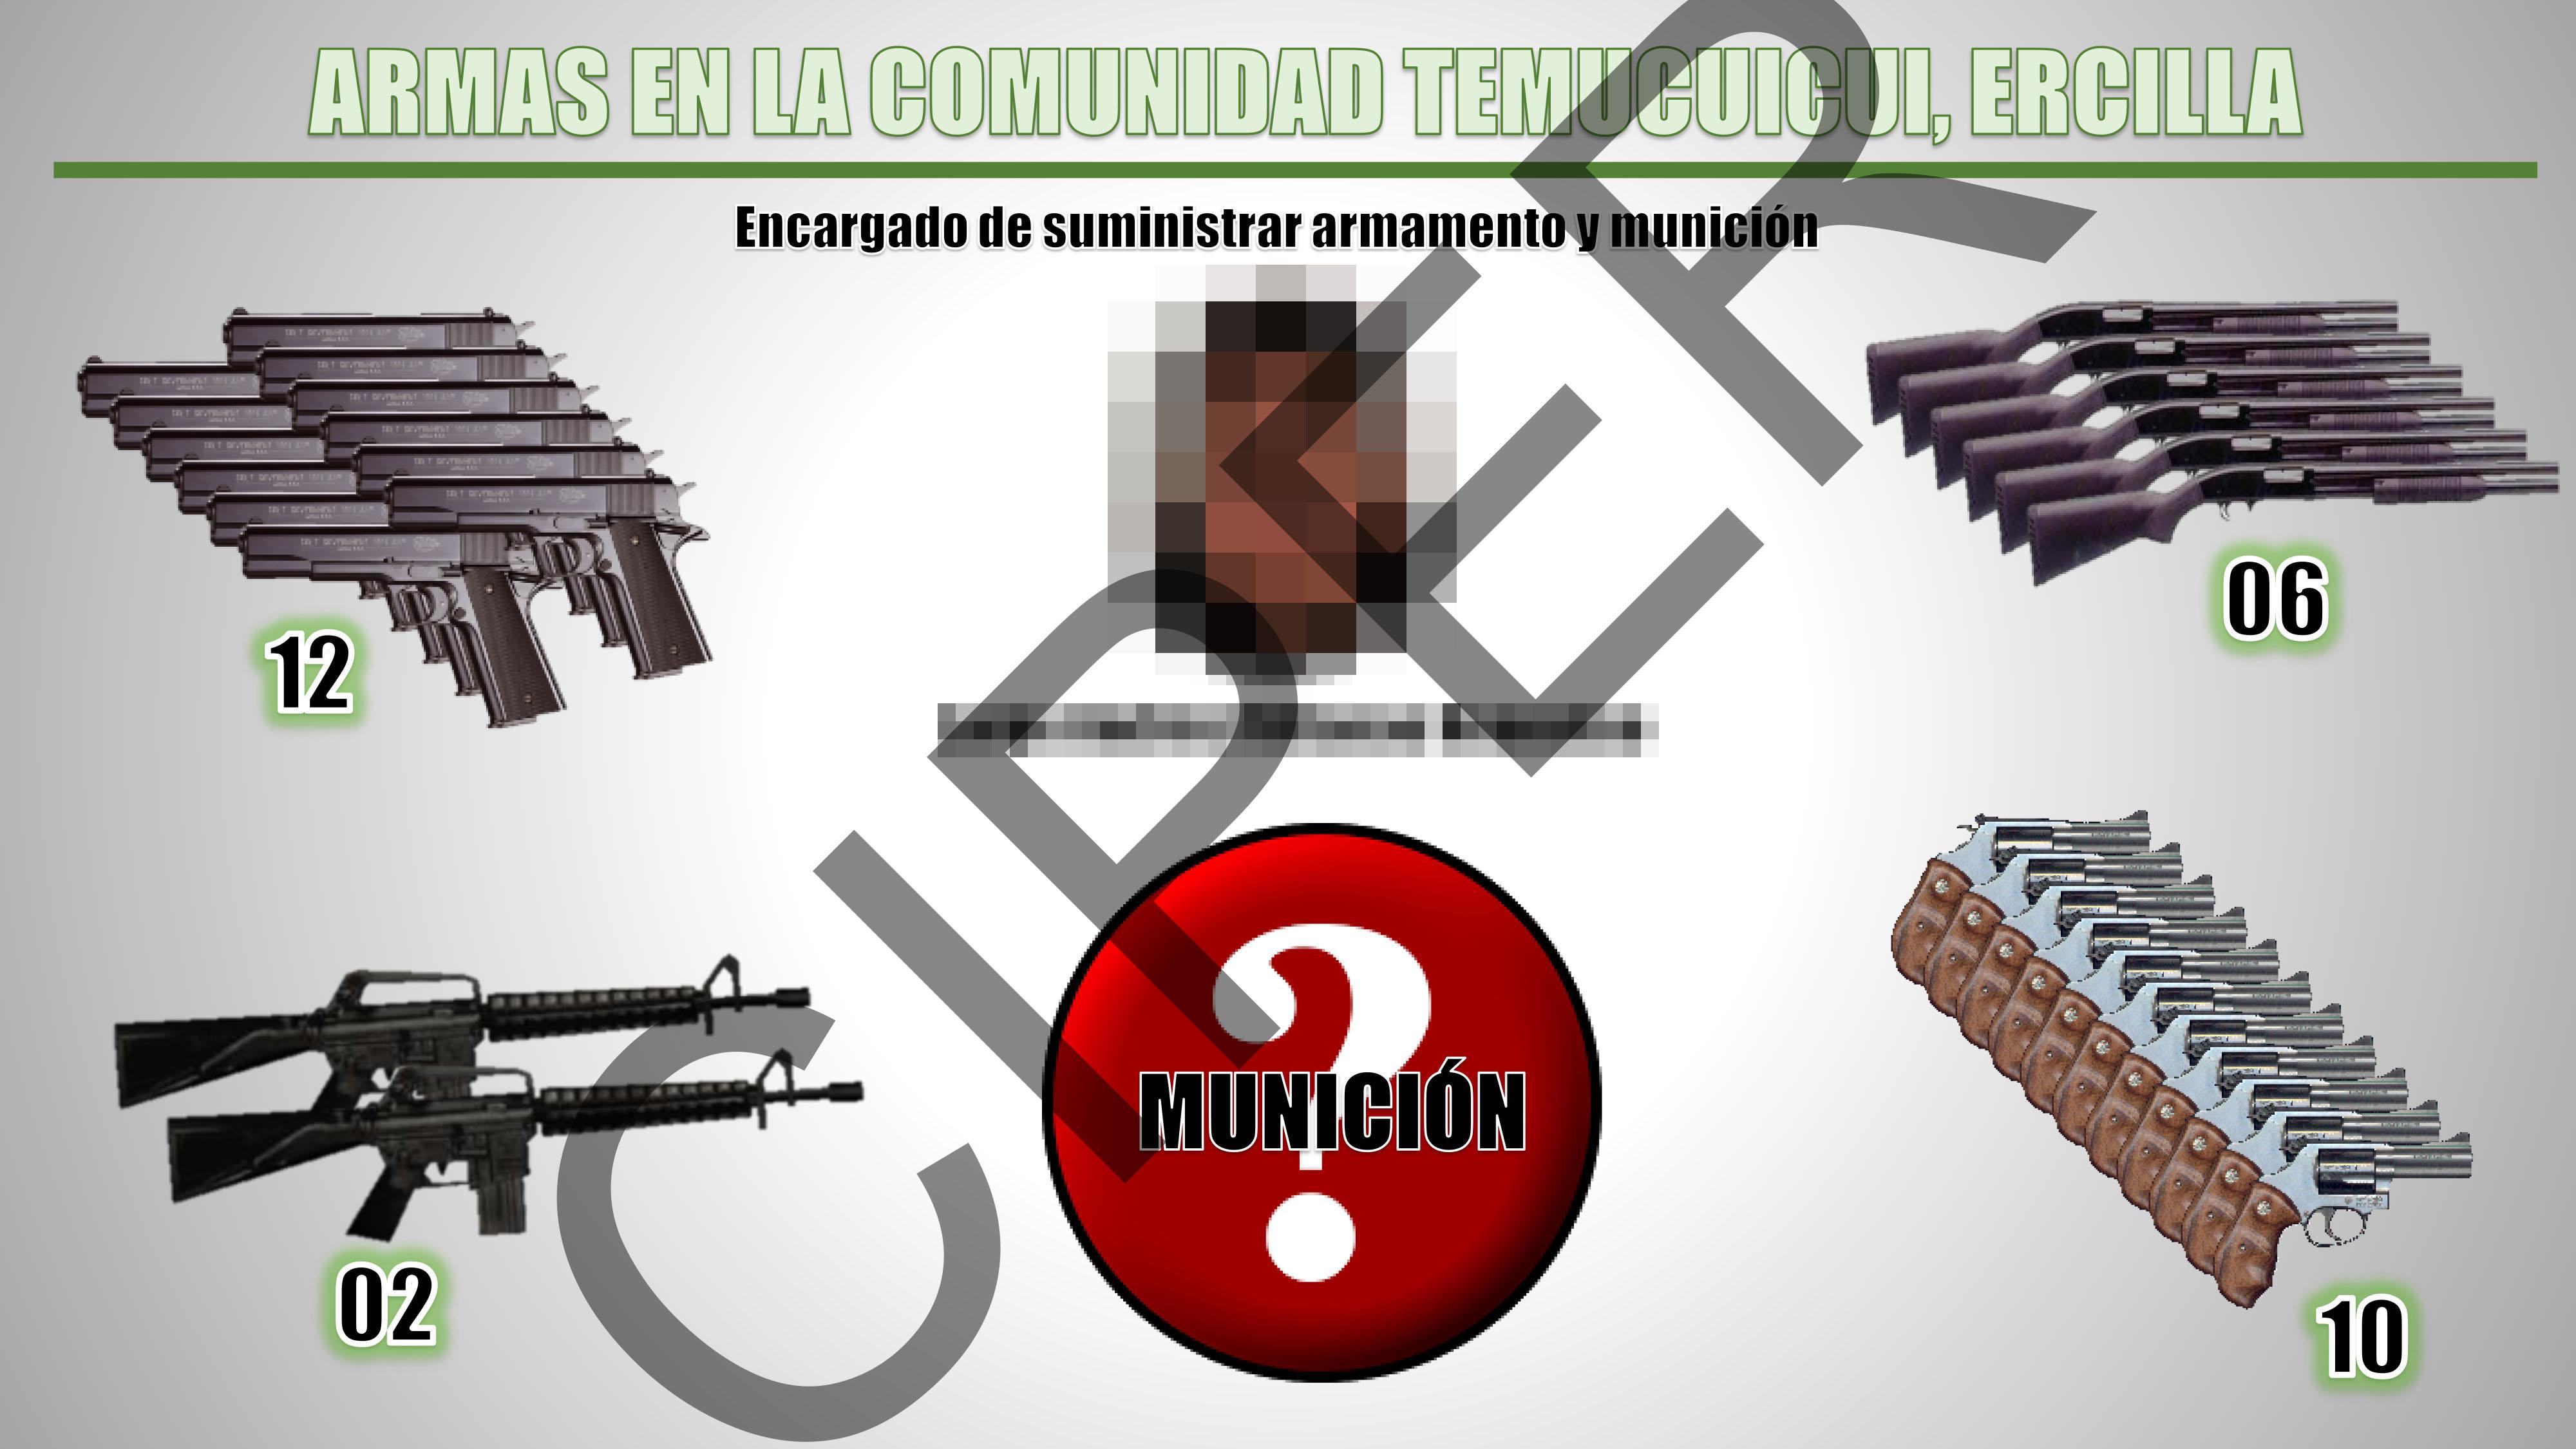 Armamento con el que contaría la Comunidad de Temucuicui, según la UIOE